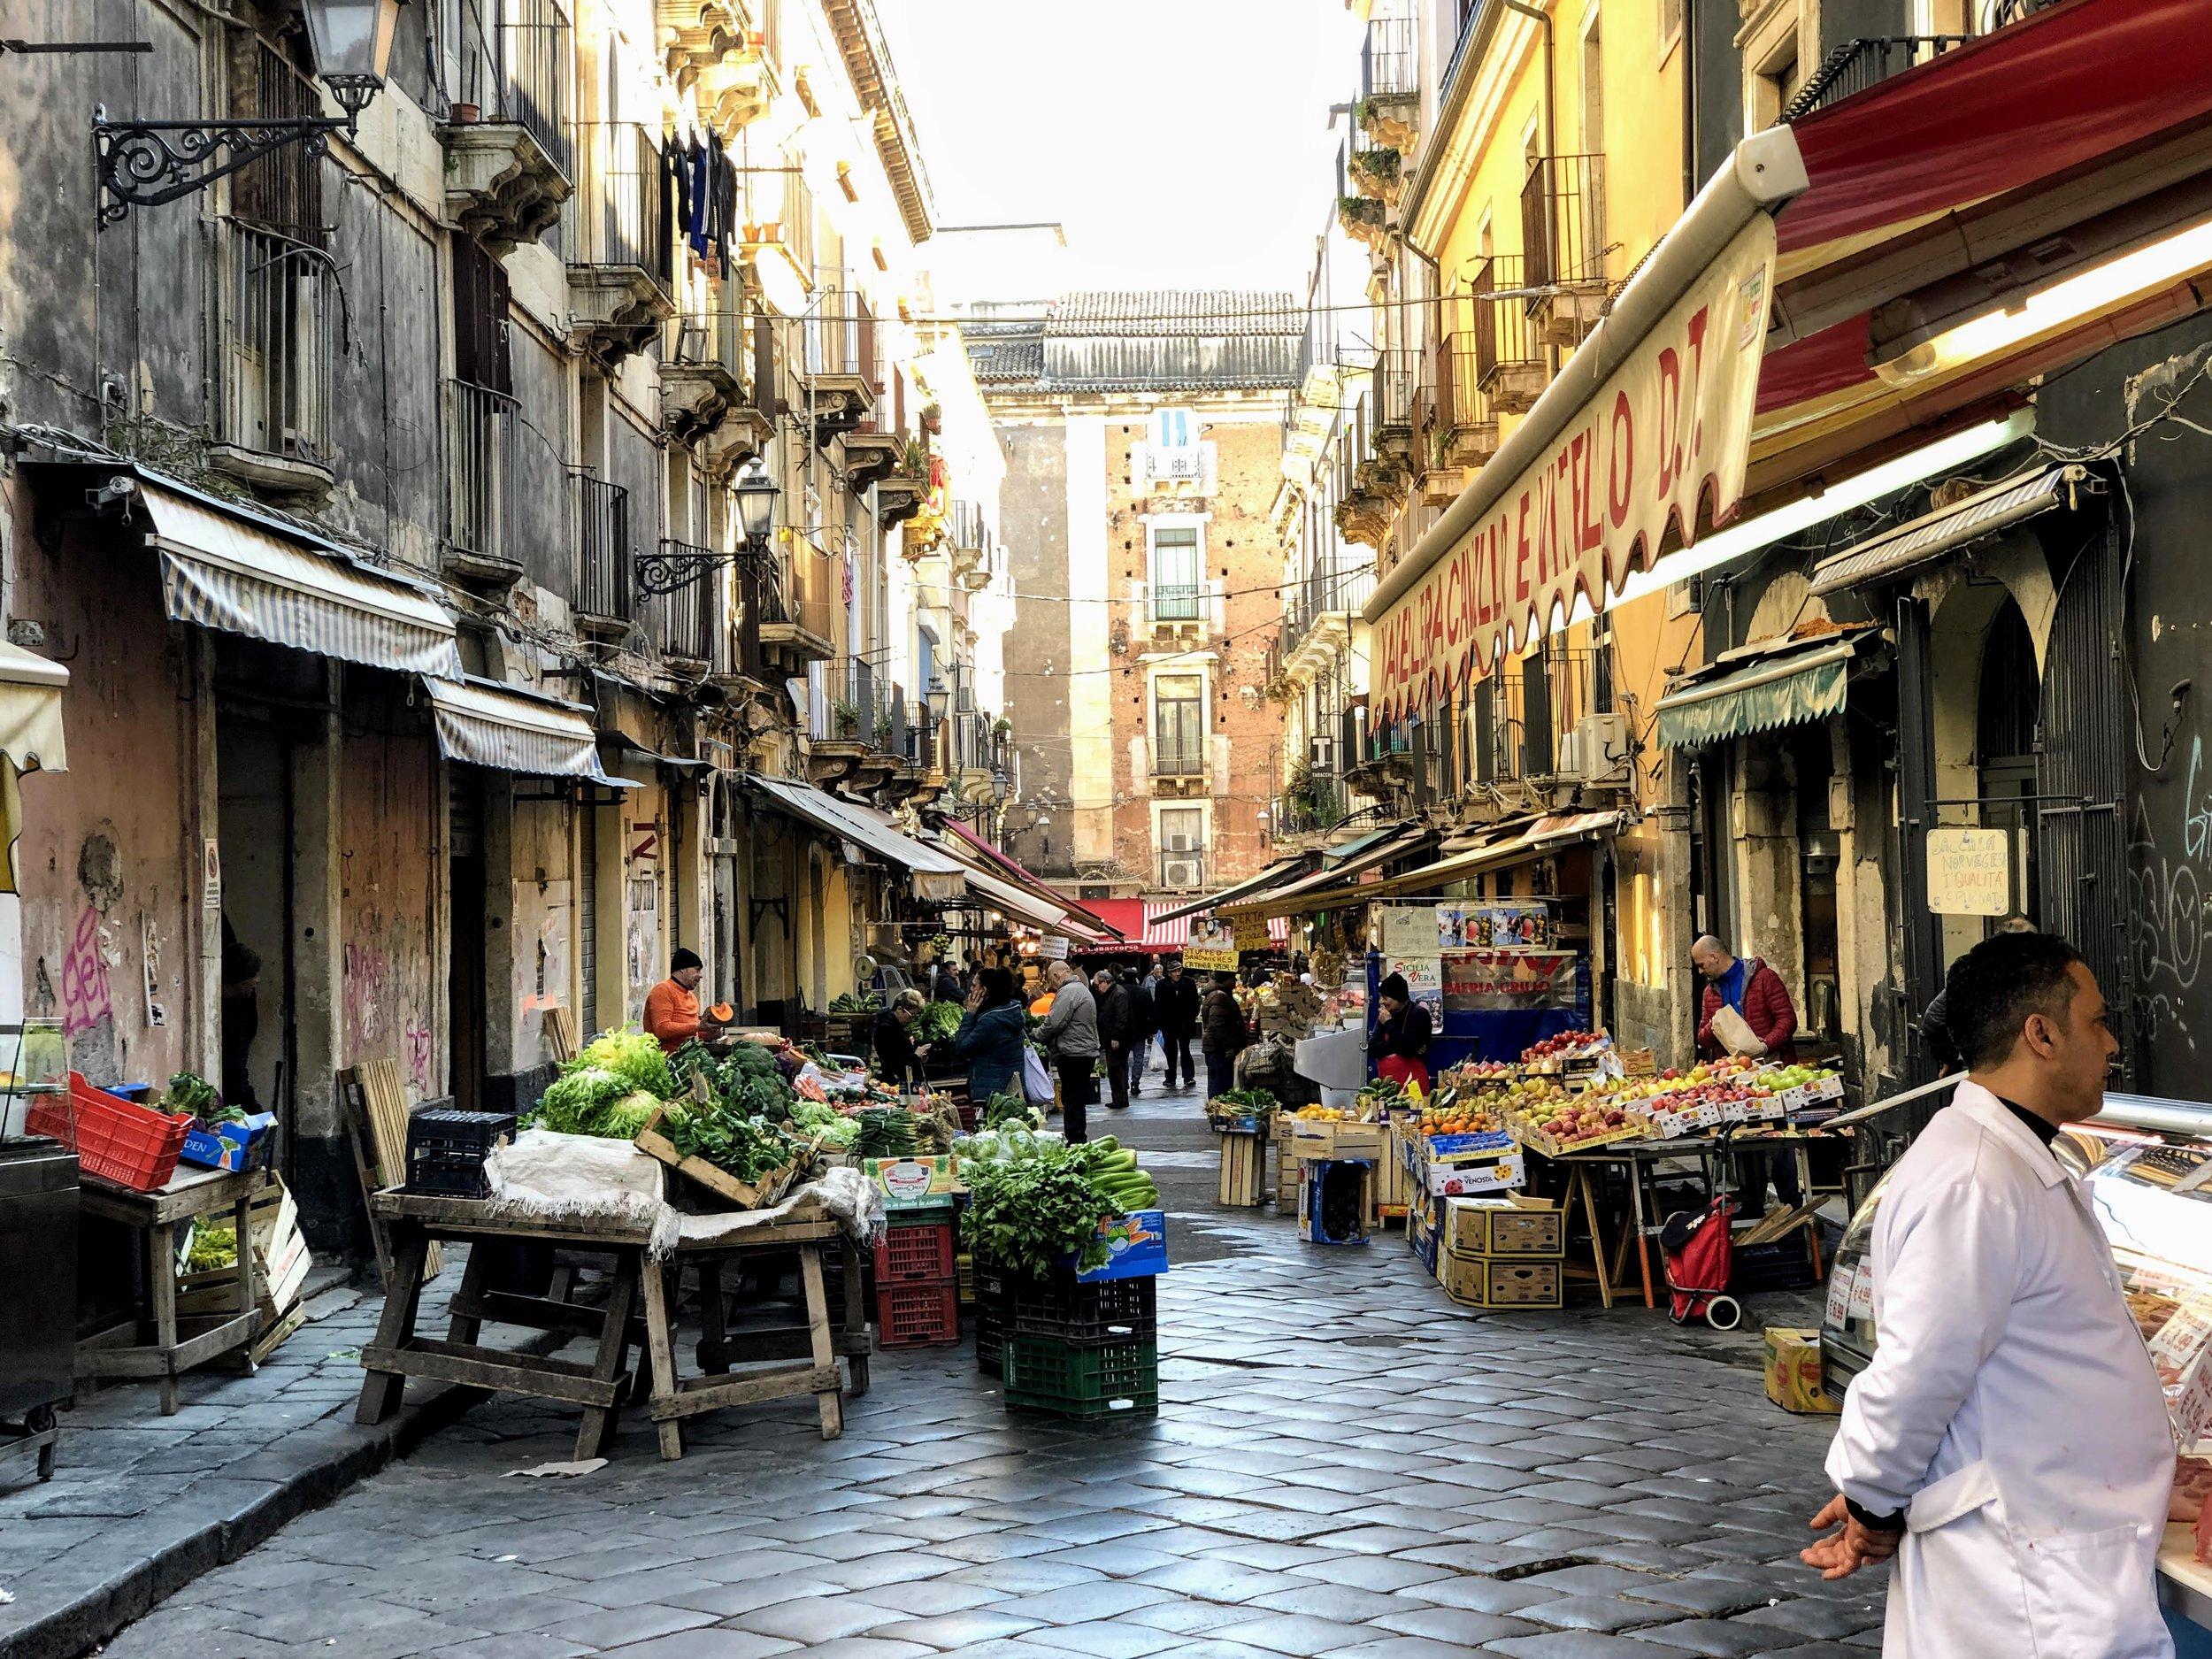 Street markets in Catania, Sicily